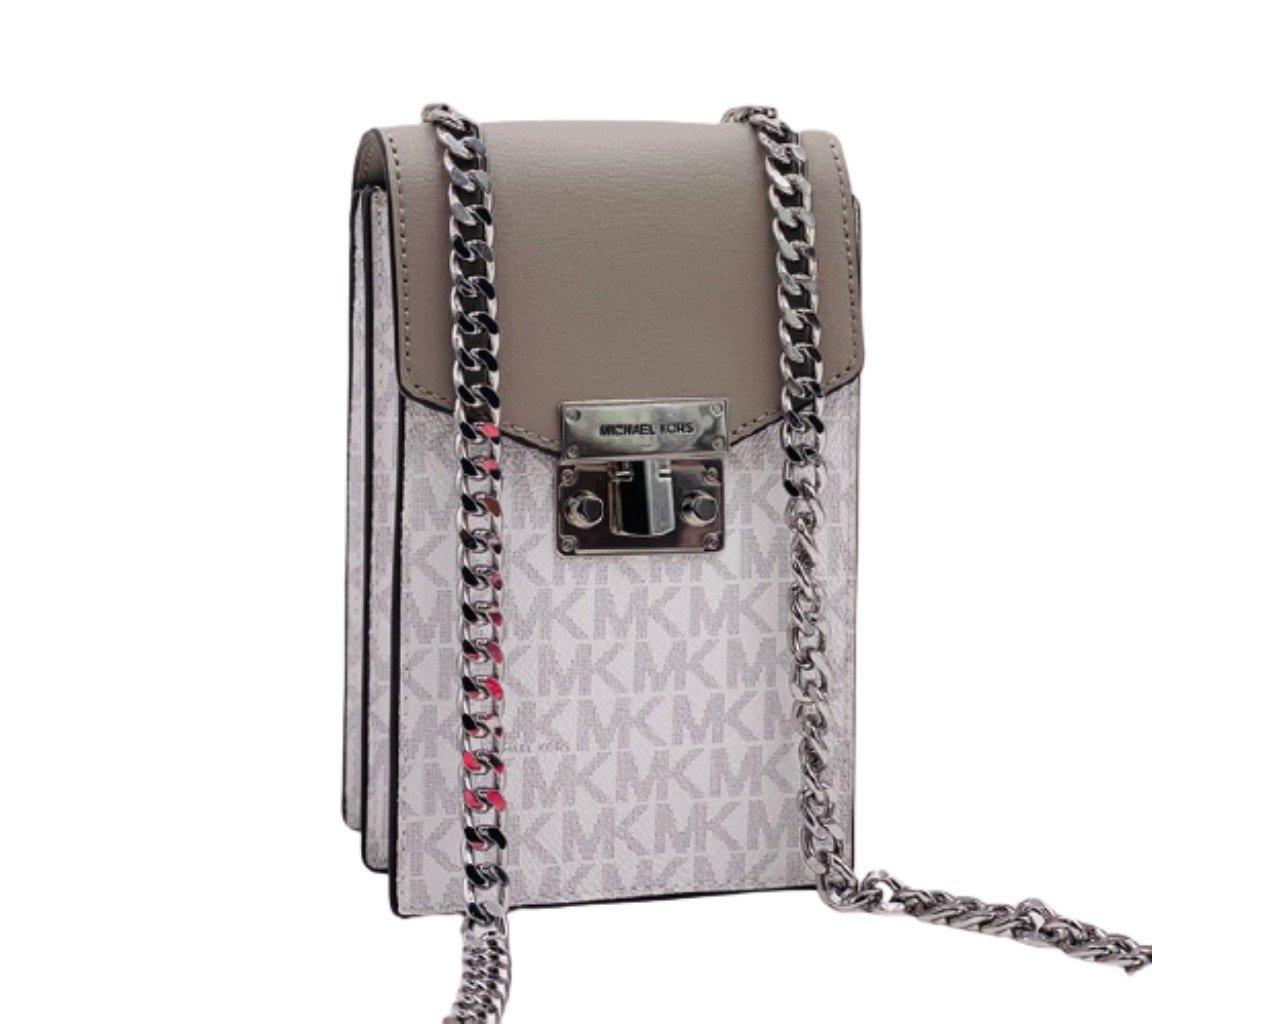 Michael Kors Women's Rose Crossbody Bag White MK30352